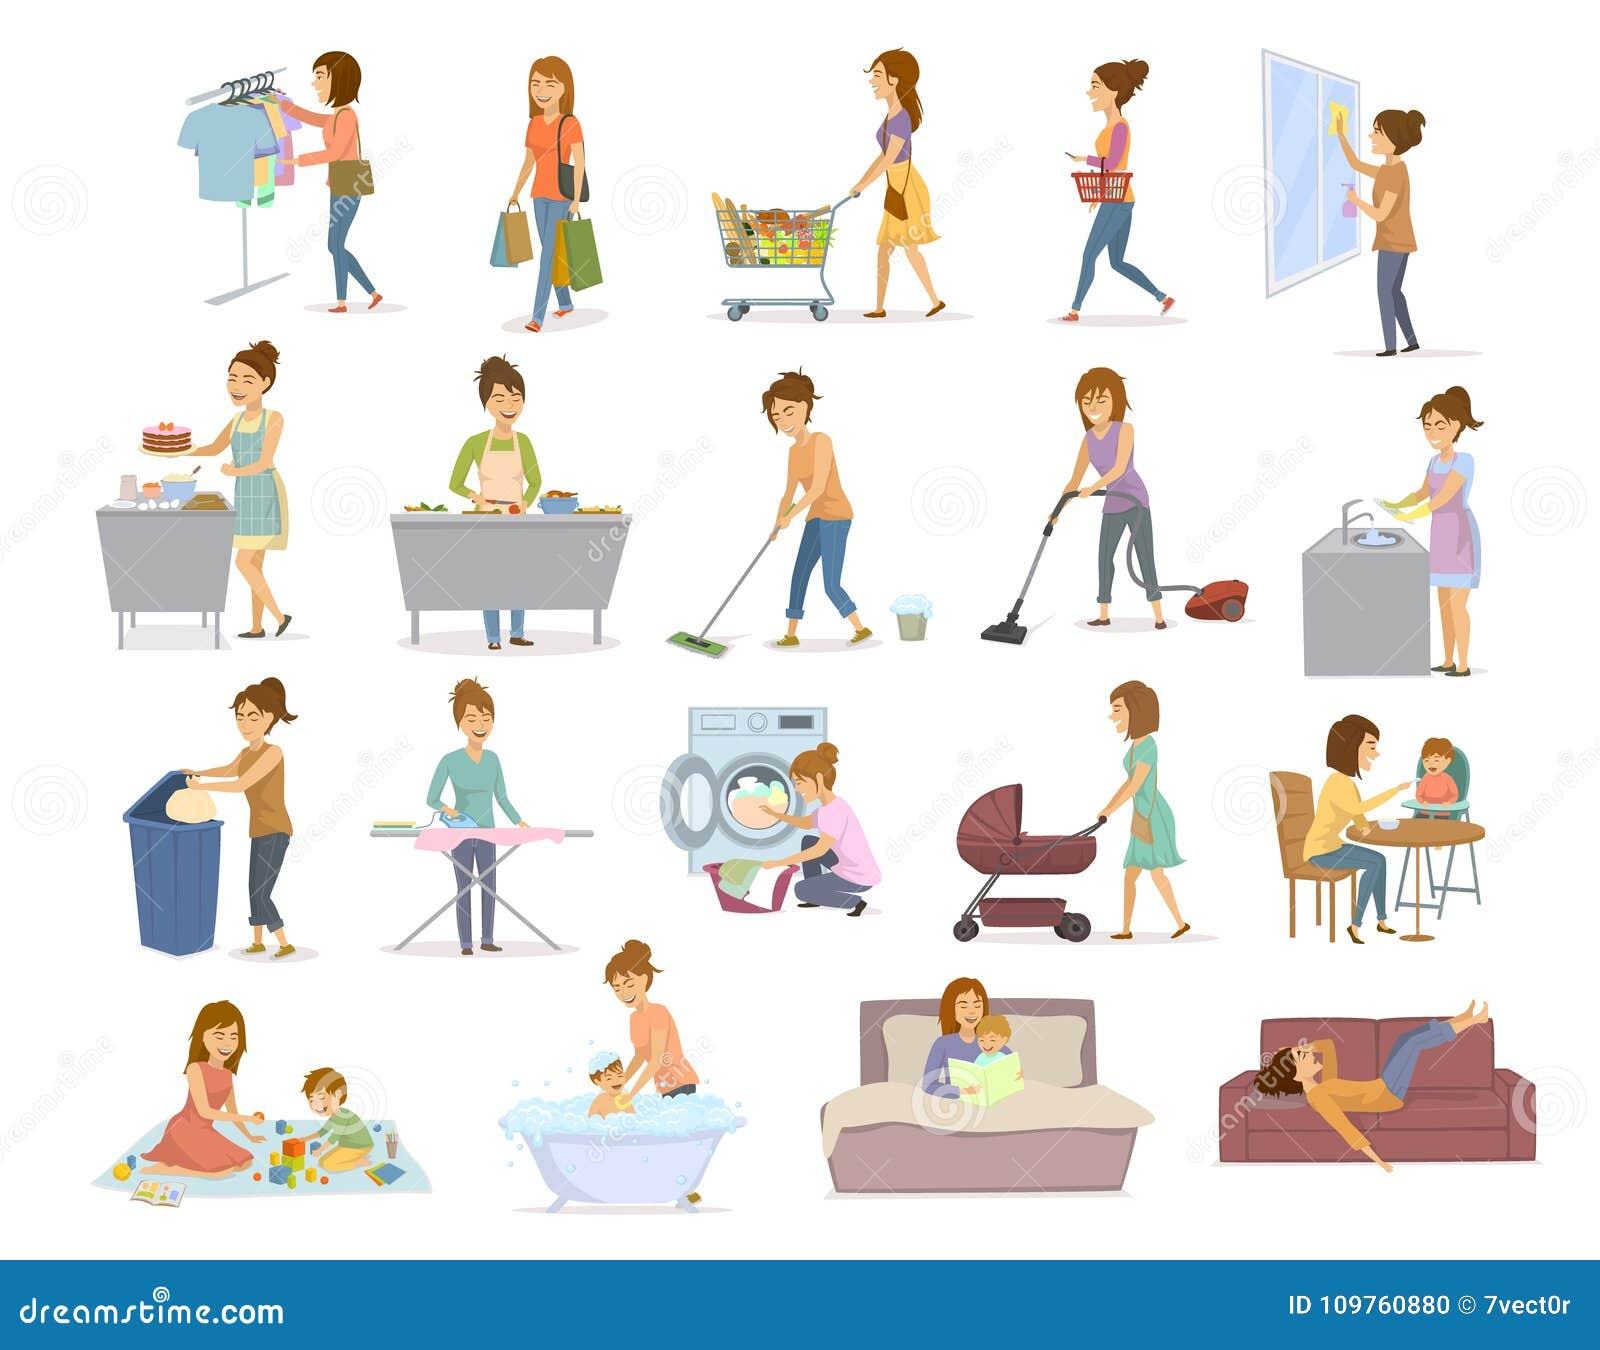 Frau steuert täglich Aufgaben, Haushaltung, househod Tätigkeiten wie das waschende Staub saugeneinkaufskochen mach s gut automati